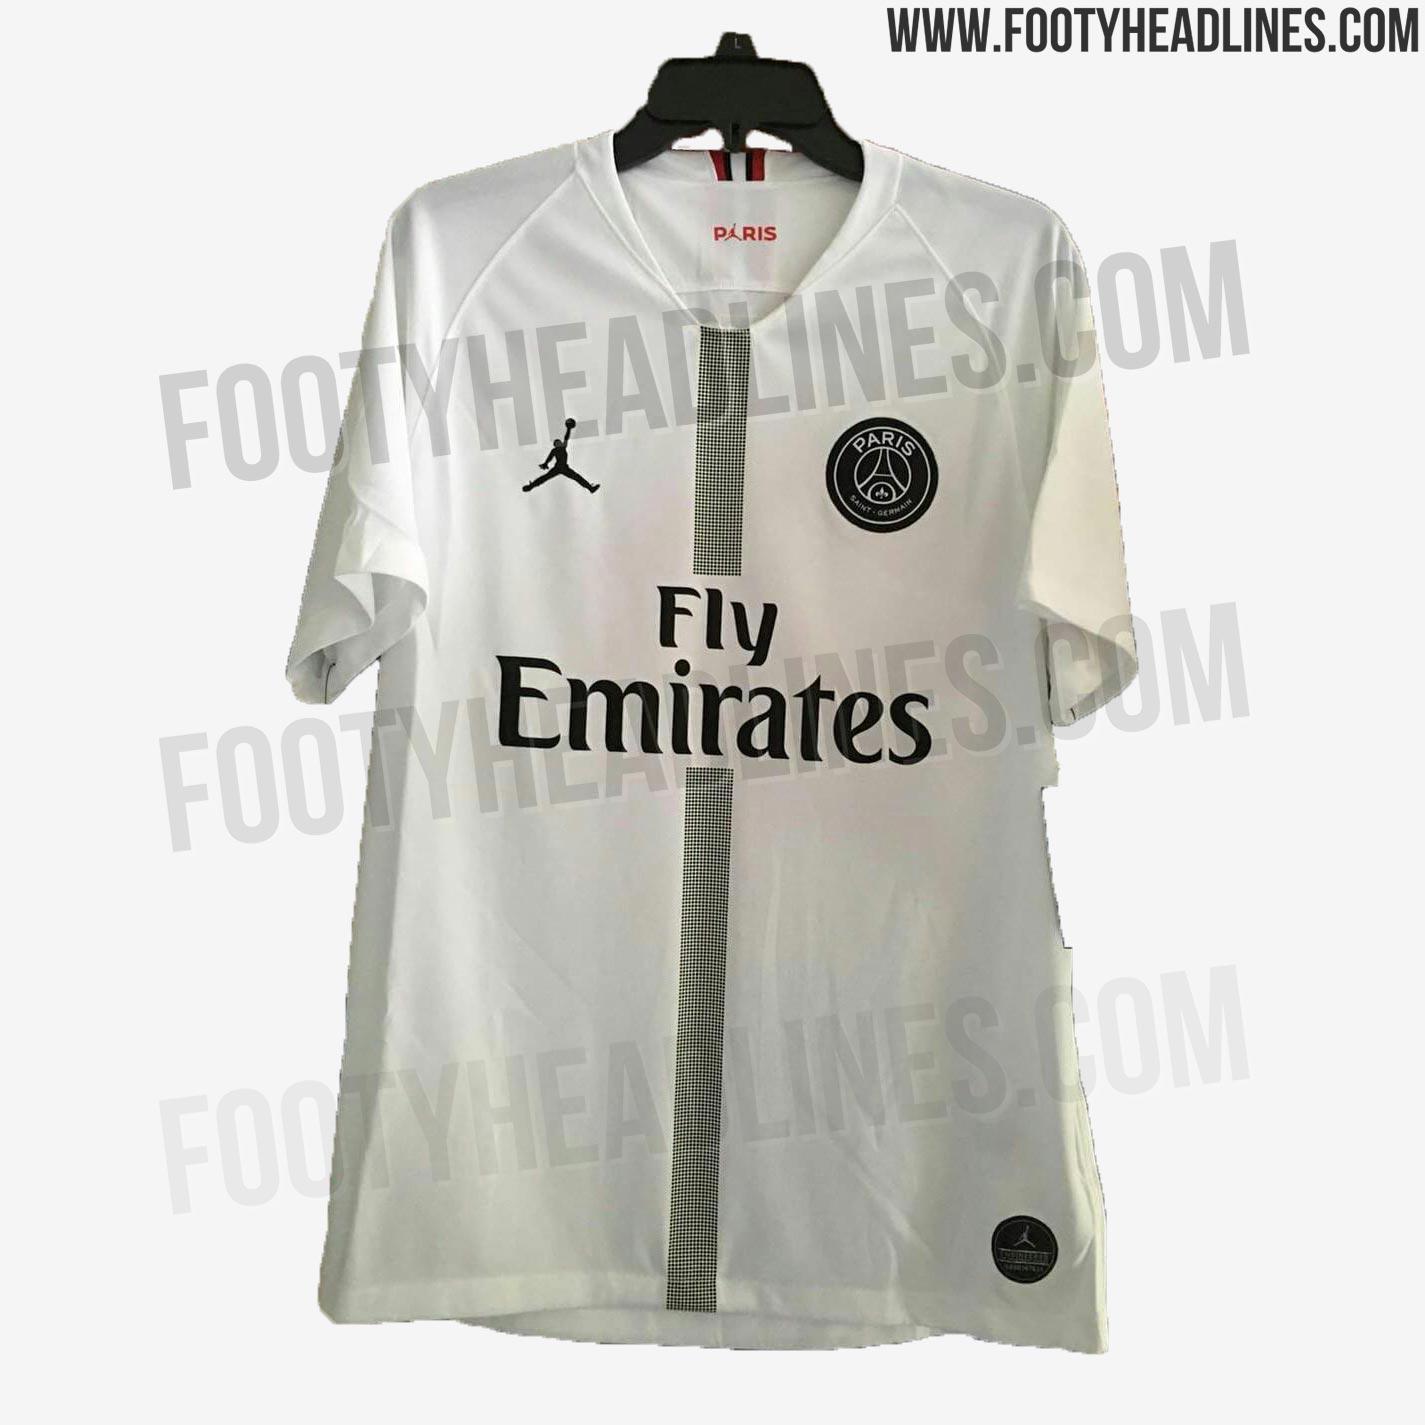 big discount quality design incredible prices La tenue Air Jordan du PSG sera utilisée en Ligue des ...